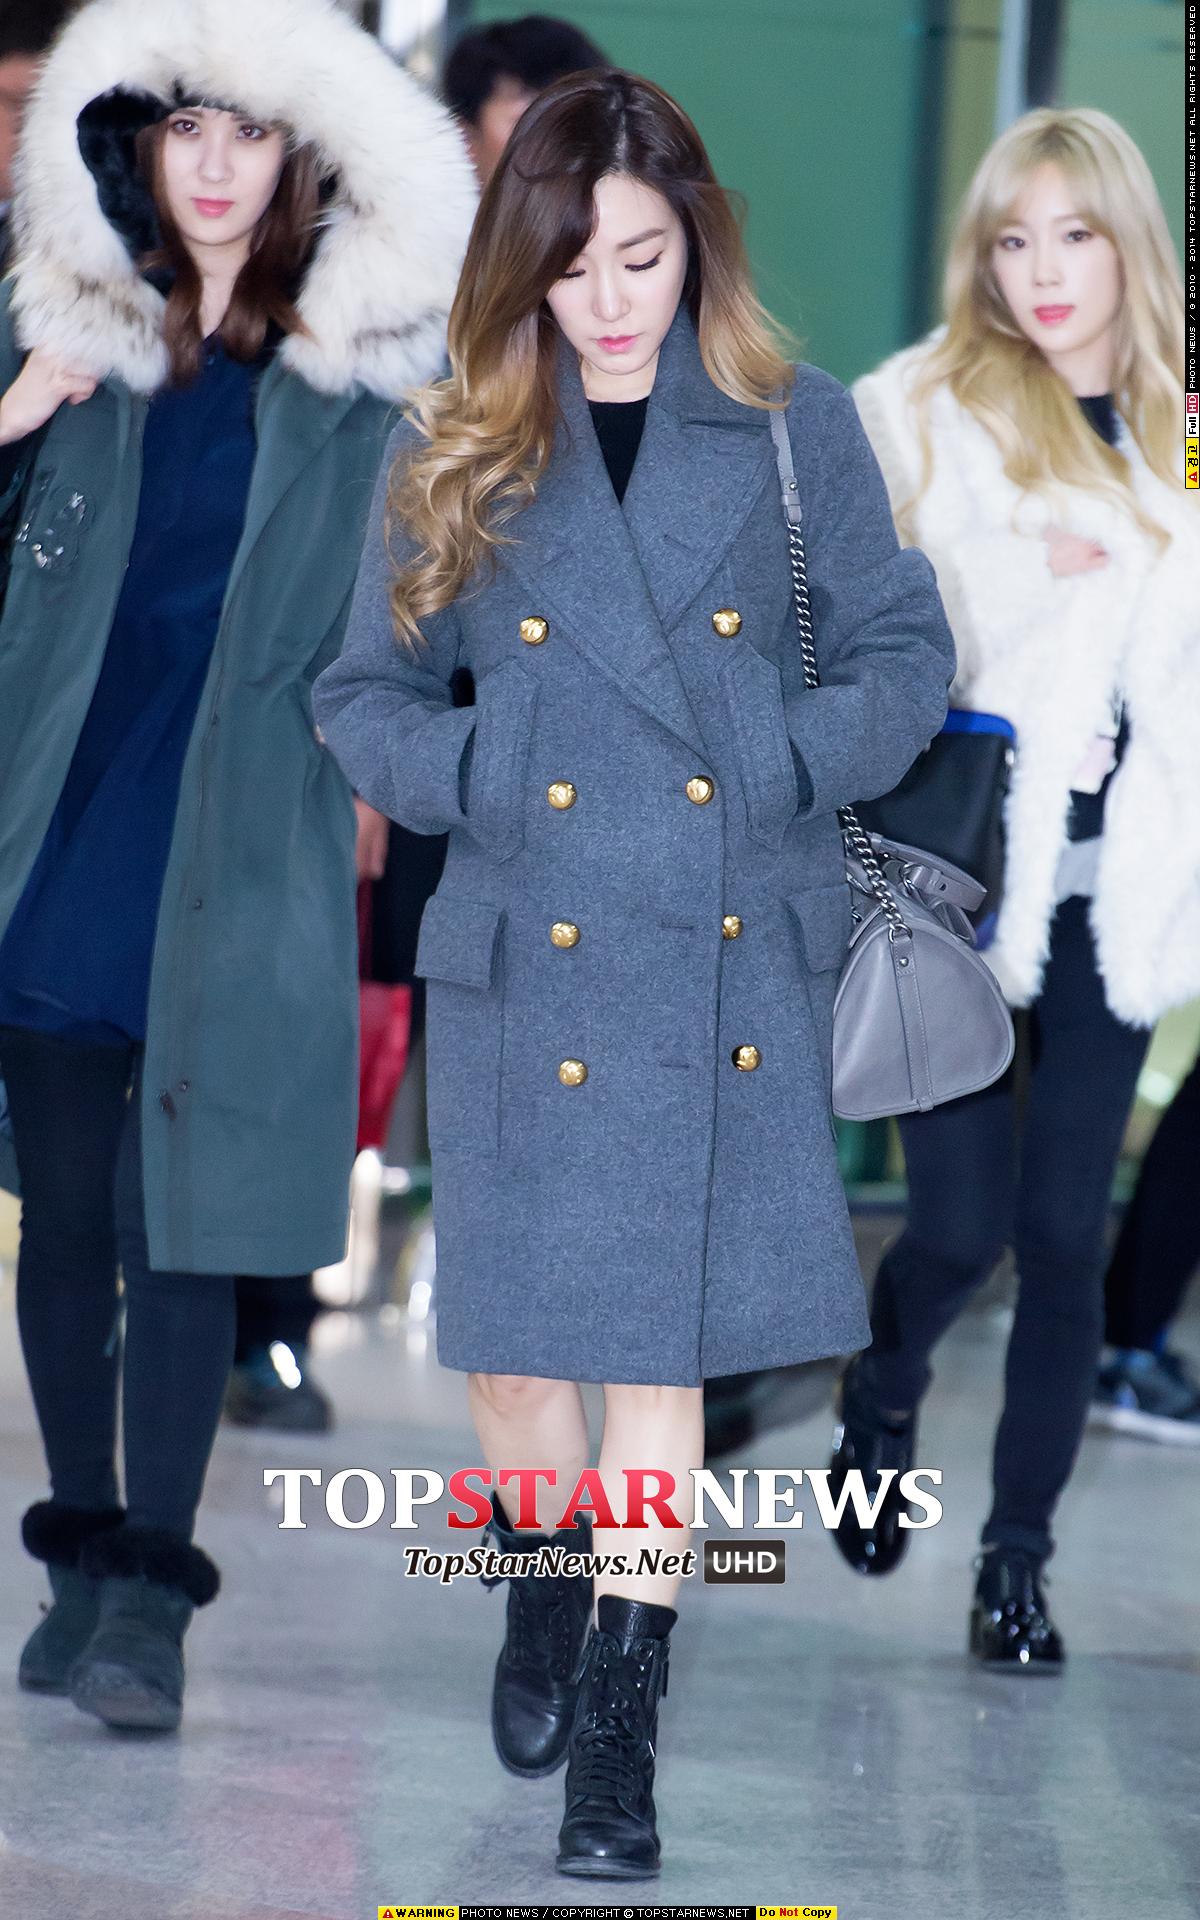 最近一次Tiffany所穿的雙排扣大衣是來自LUCKY CHOUETTE,這品牌是韓星們都很喜歡的品牌!